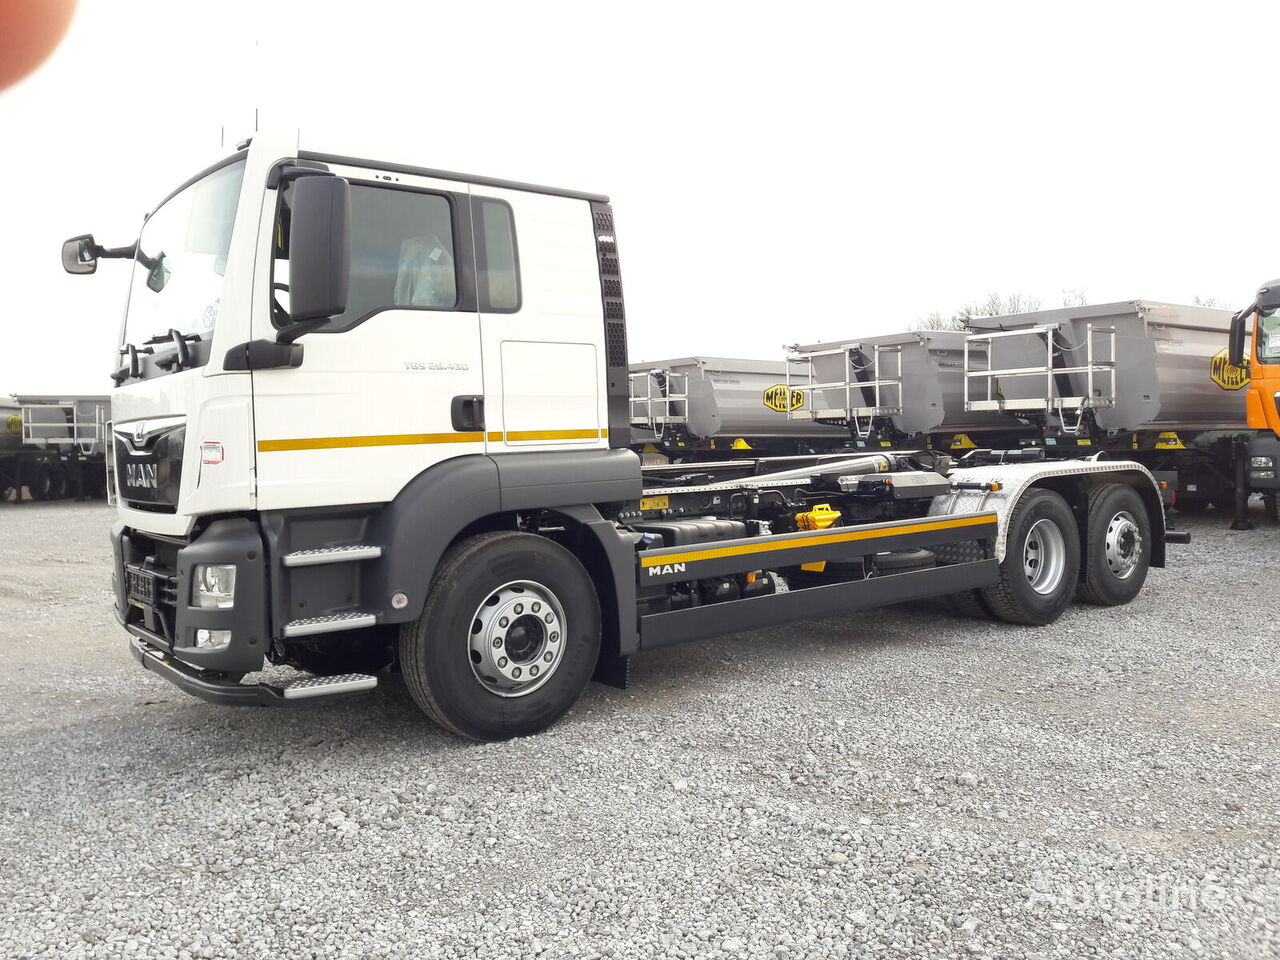 MAN TGS 26.430 camión con gancho nuevo